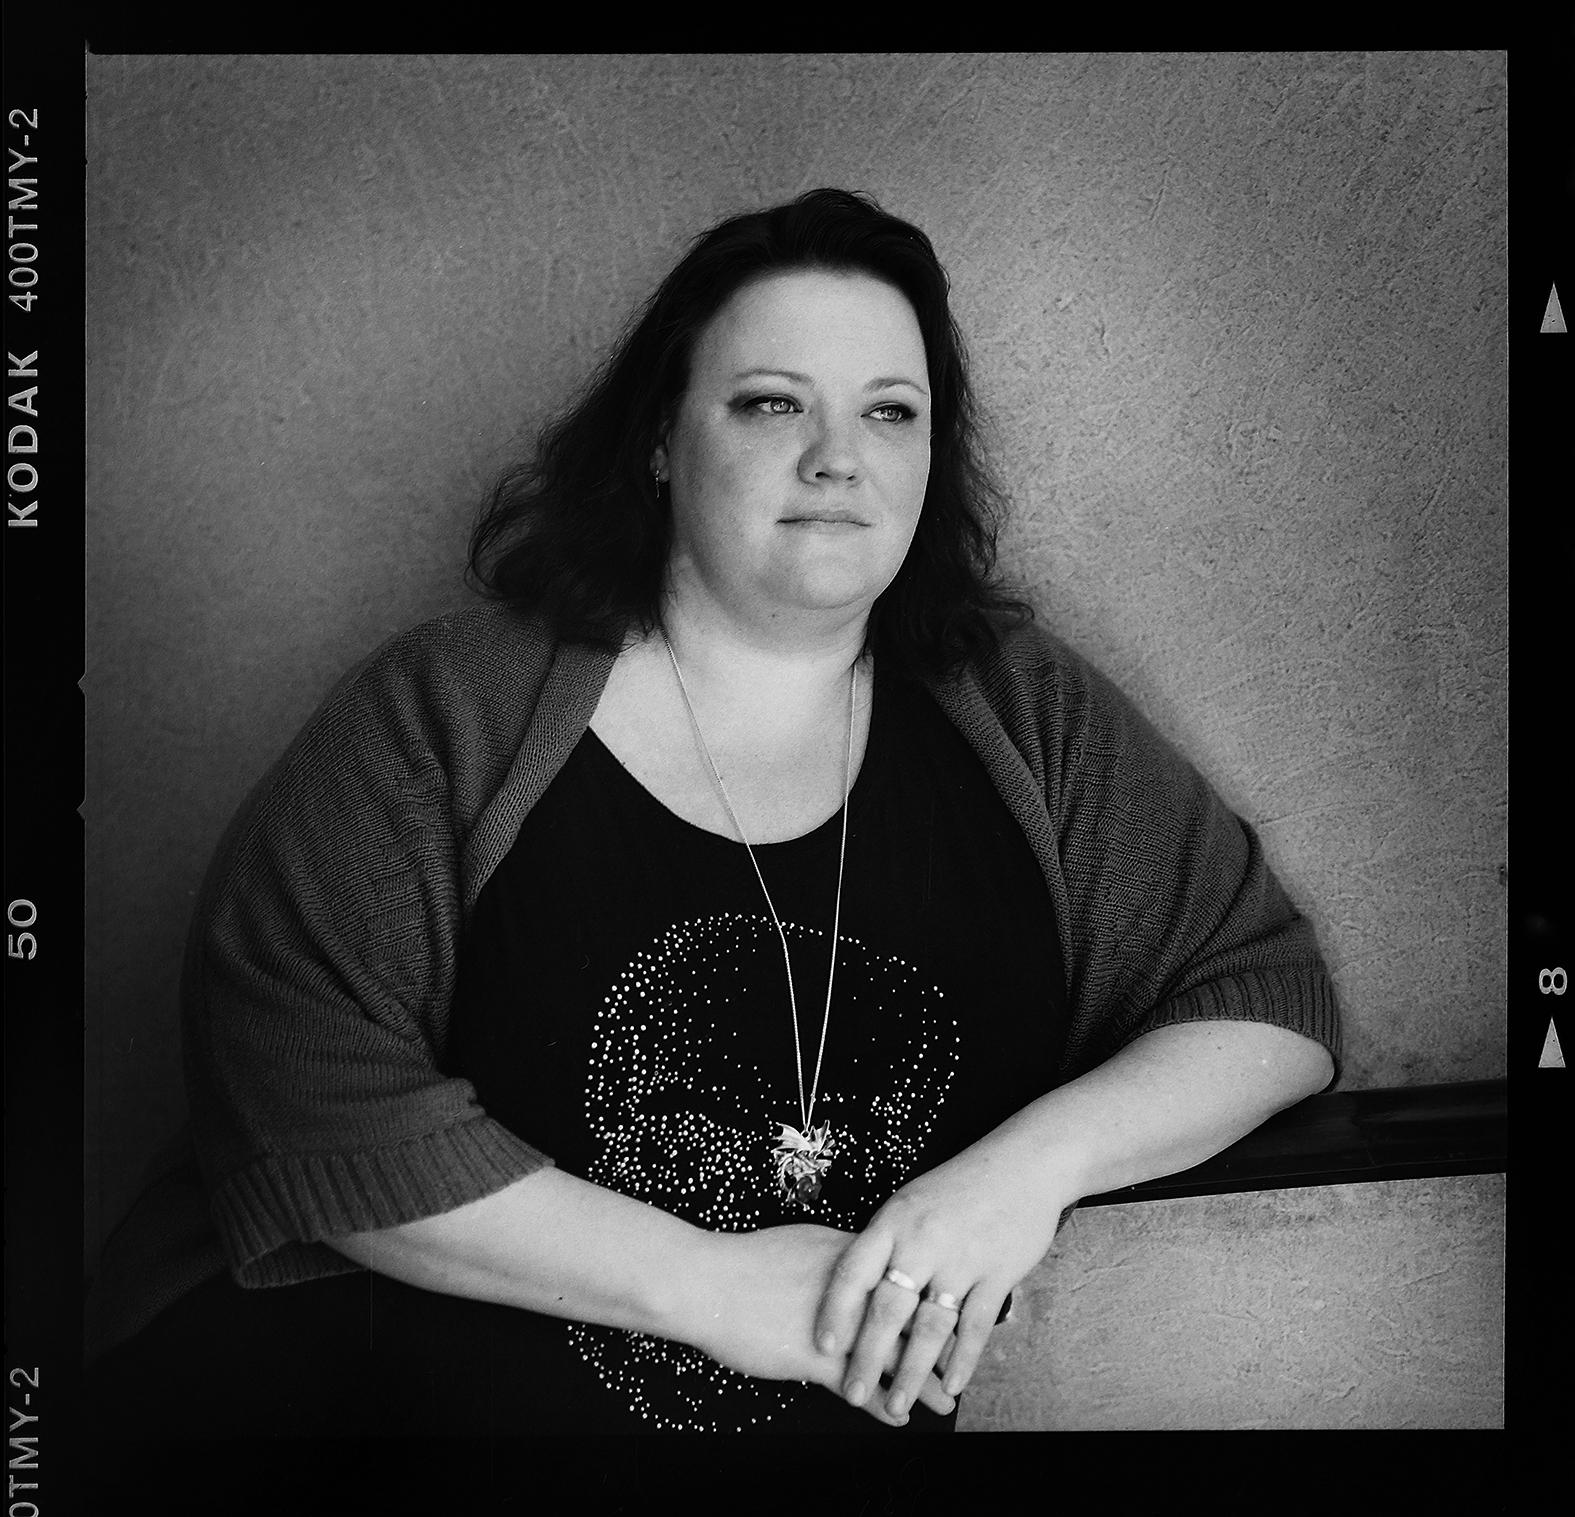 Camilla Rosendrake fotograferad inför hennes 40-årsdag. Foto Mikael Andersson, 2016-04-01, Hasselblad 500cm, 120mm. Exponerad 1/125 f4.